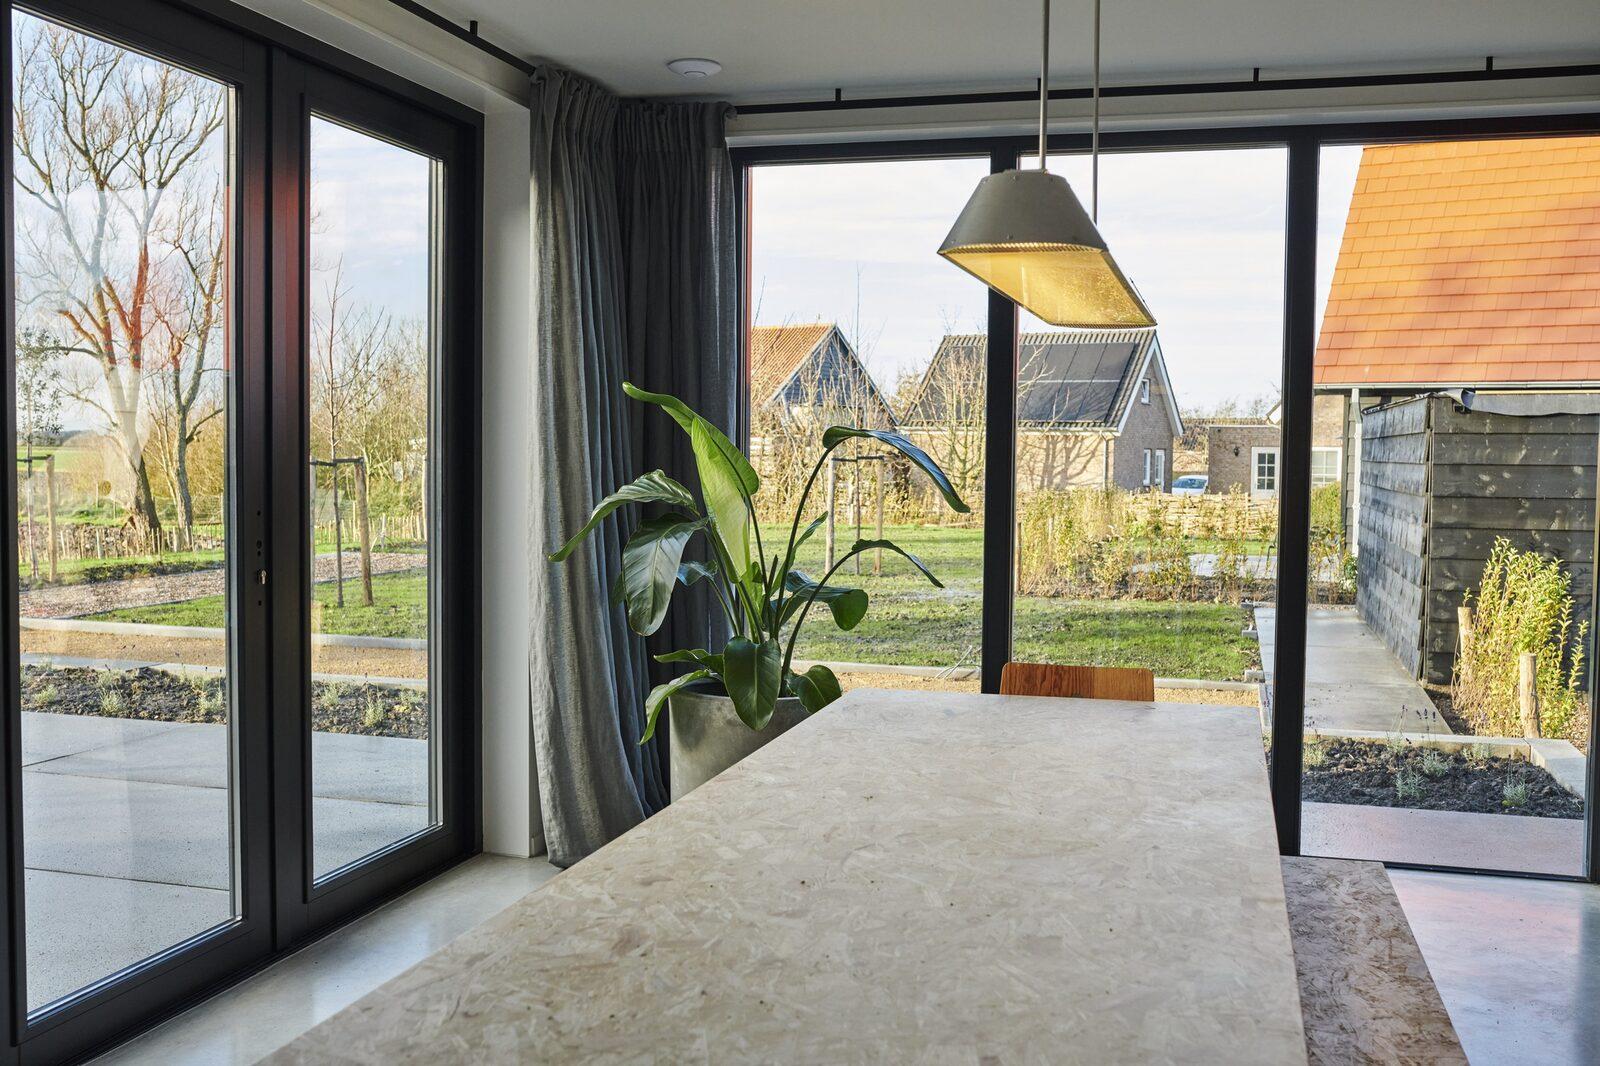 Vergaderhuis Zeeland - Mariekerke 7 | Mariekerke